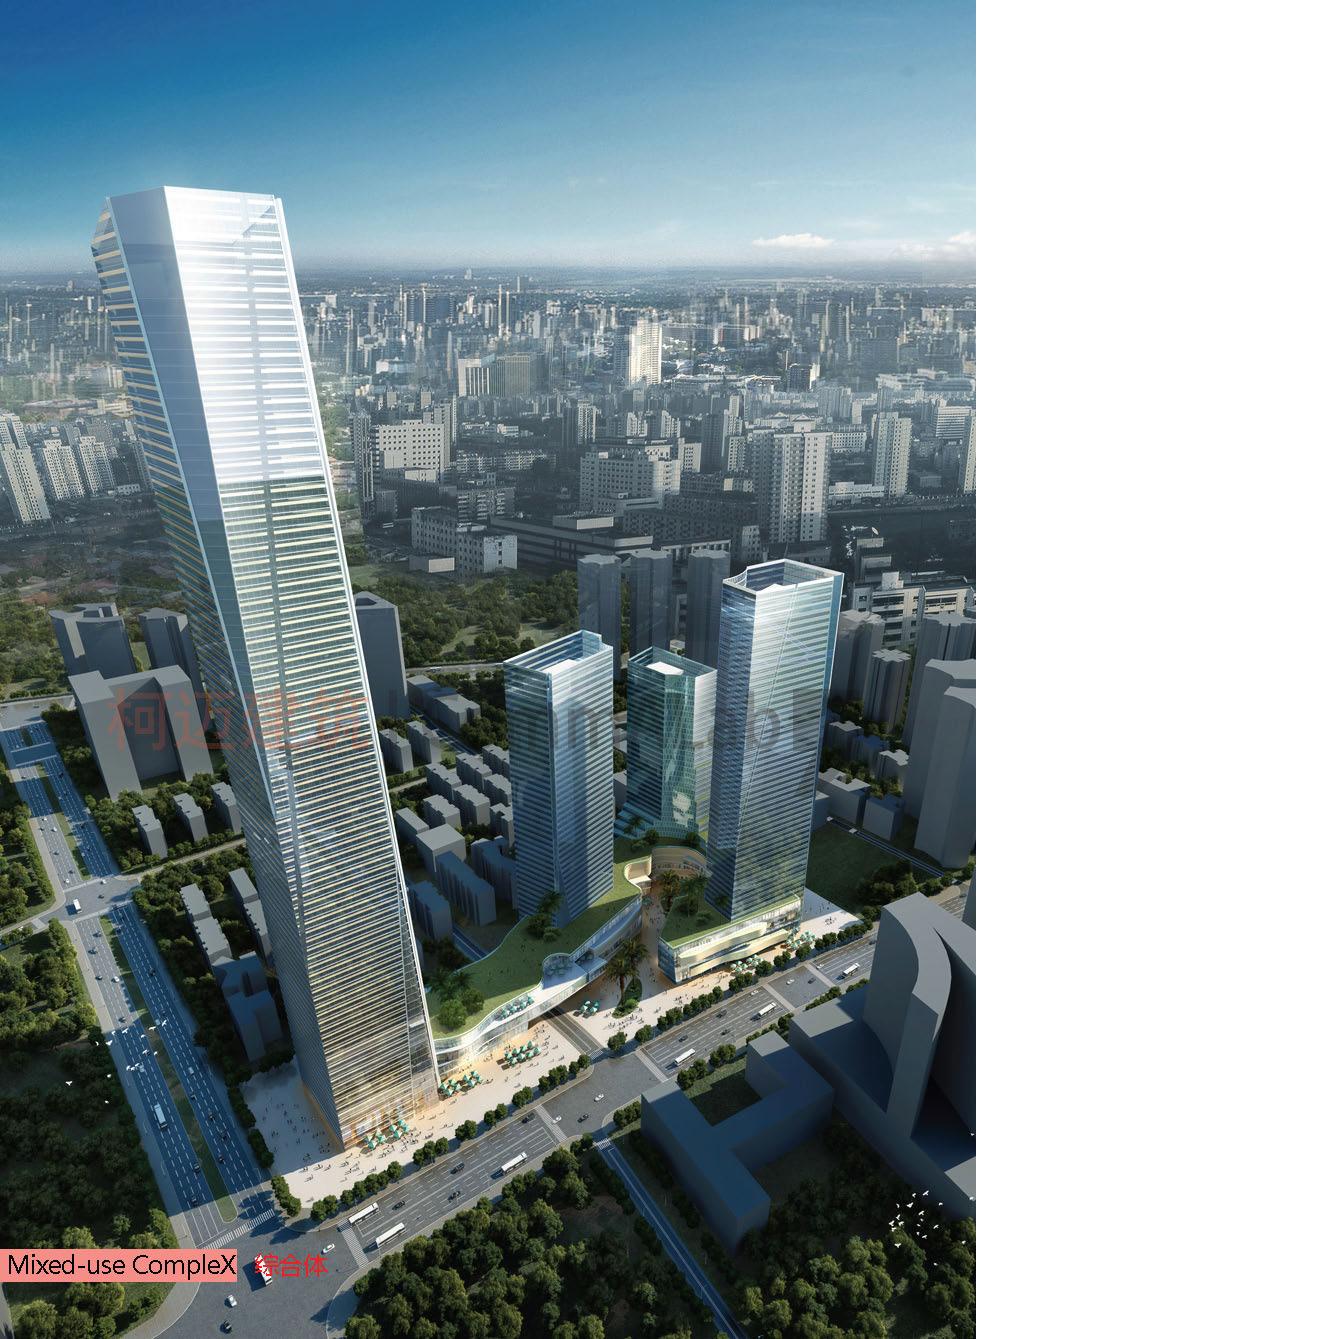 深圳建筑设计研究总院有限公司